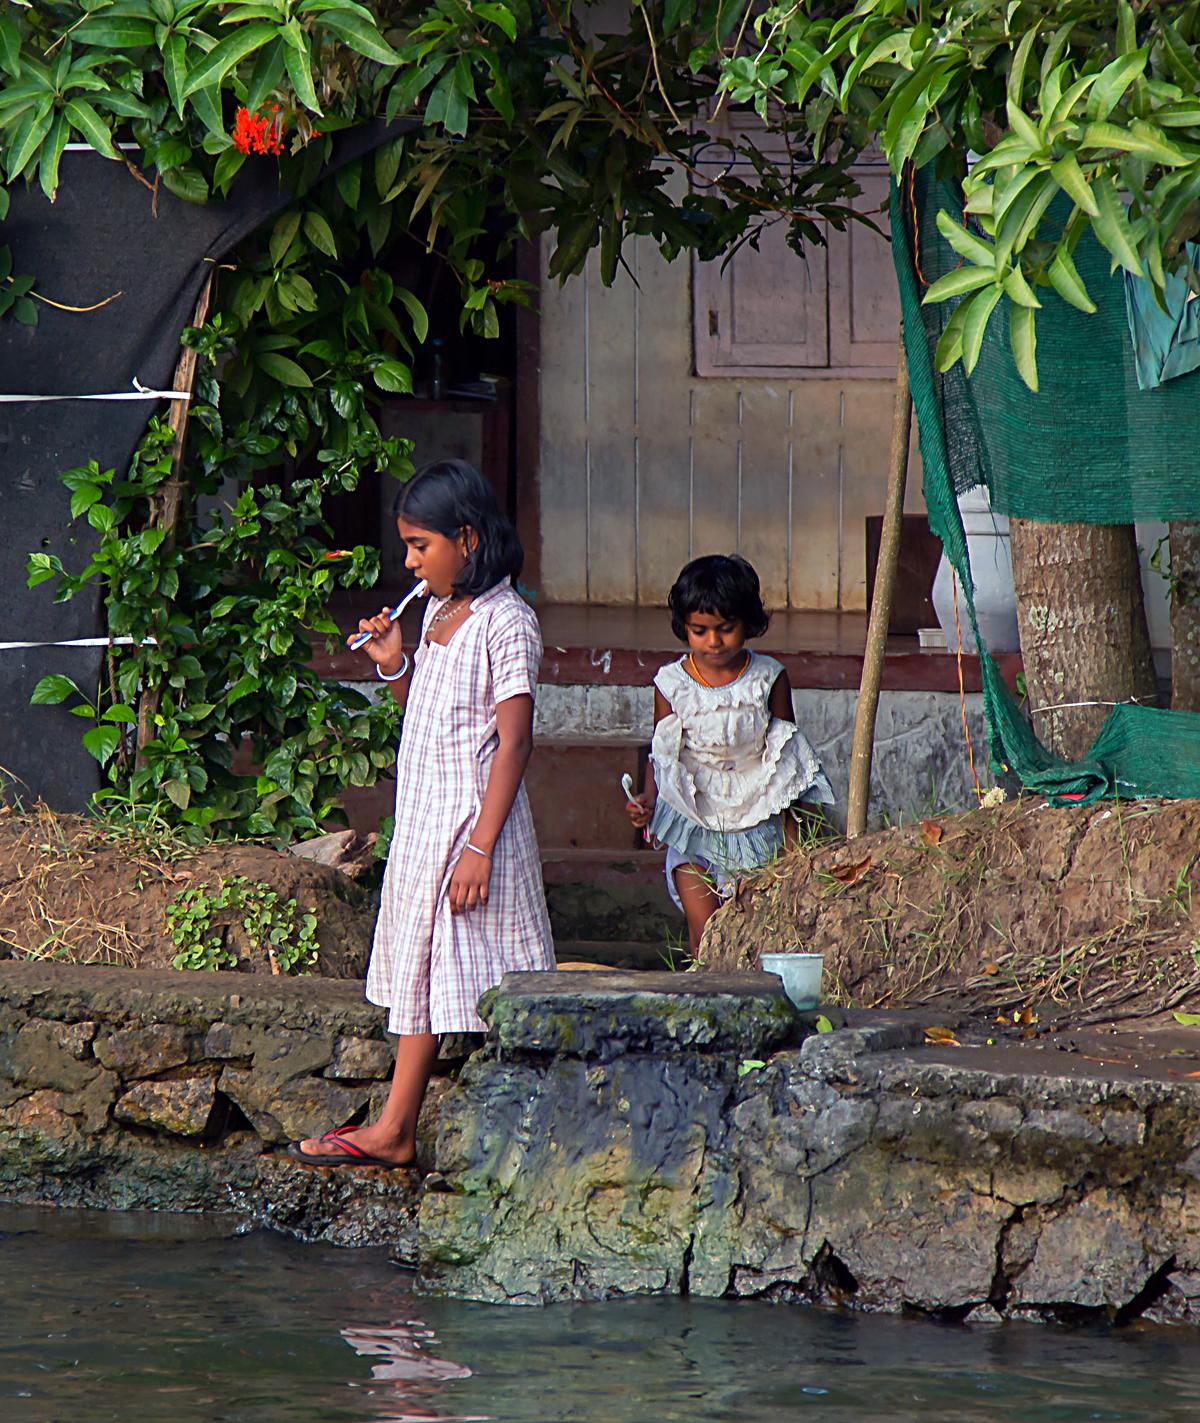 INDIEN Menschen Leben am Fluss FINEST-onTour 8661.jpg